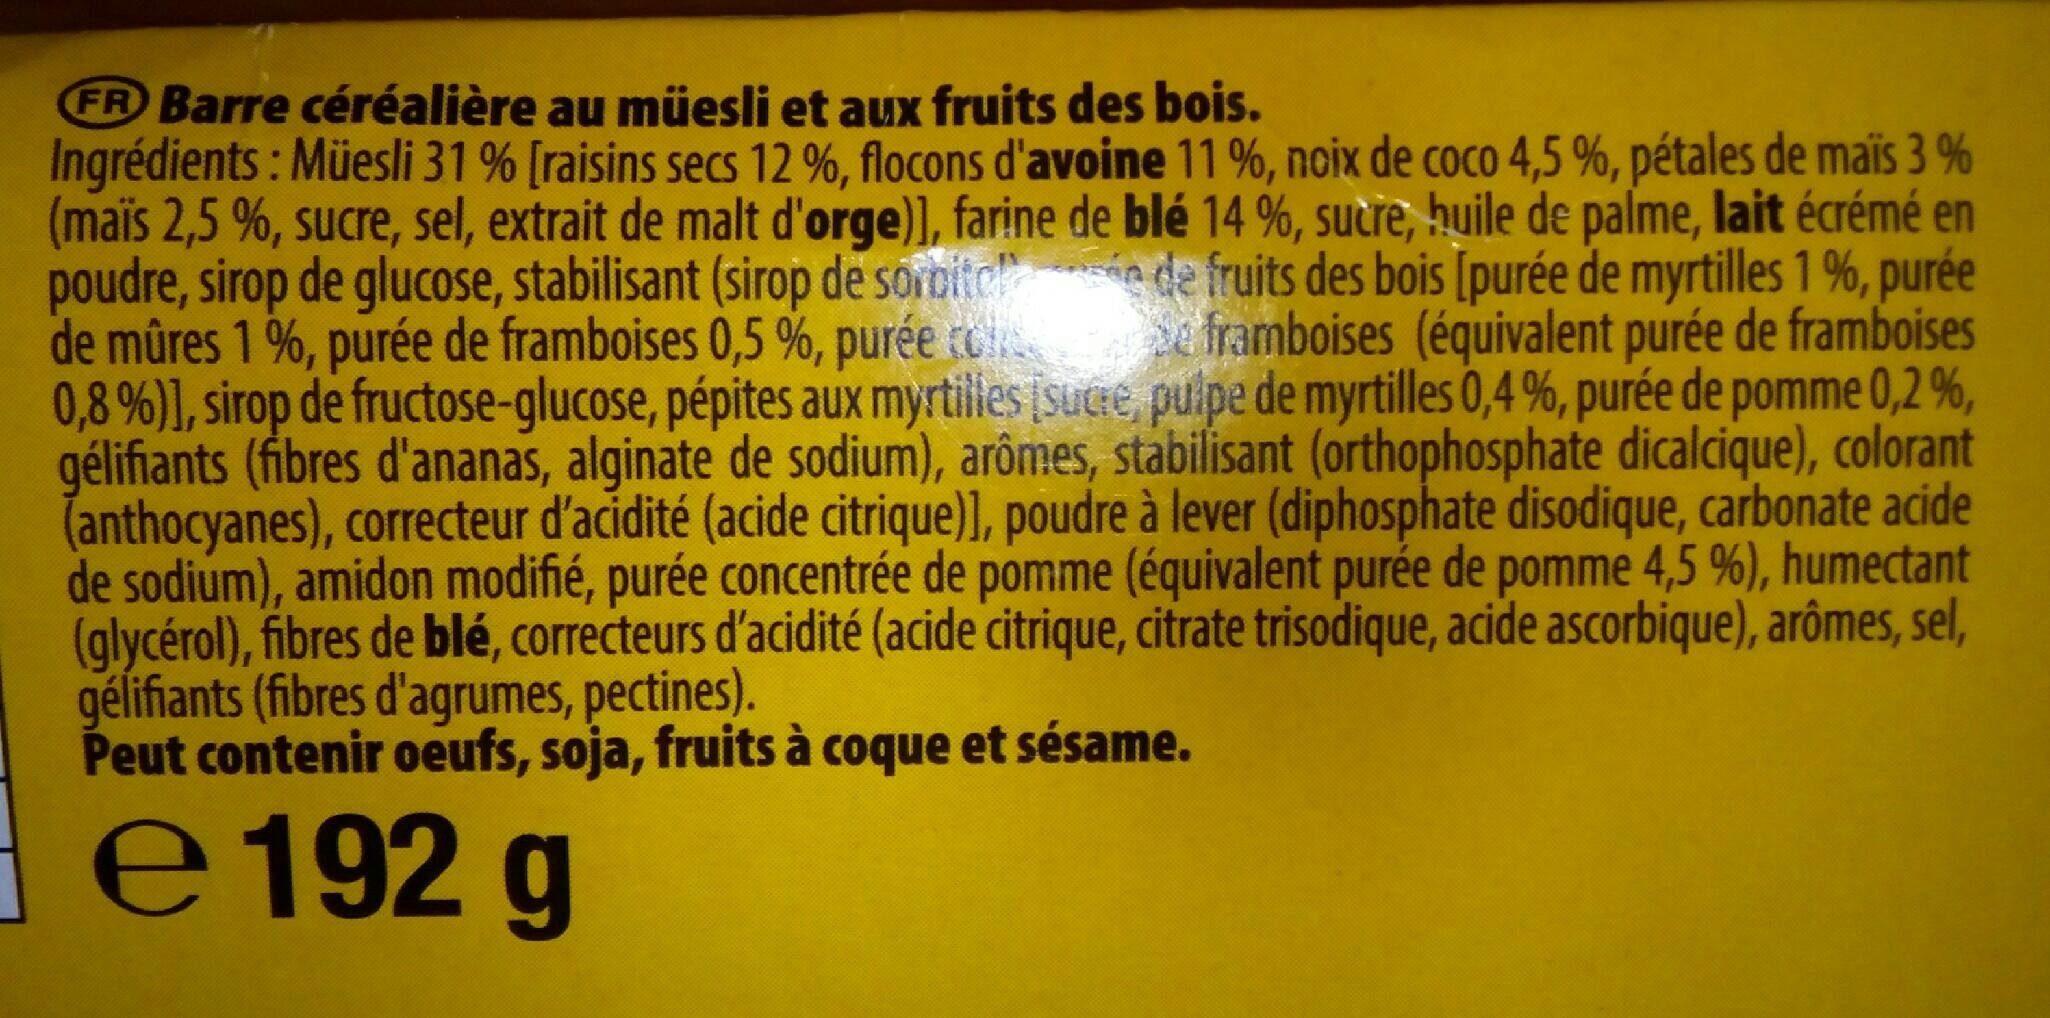 Moelleux fruits des bois - Ingrédients - fr